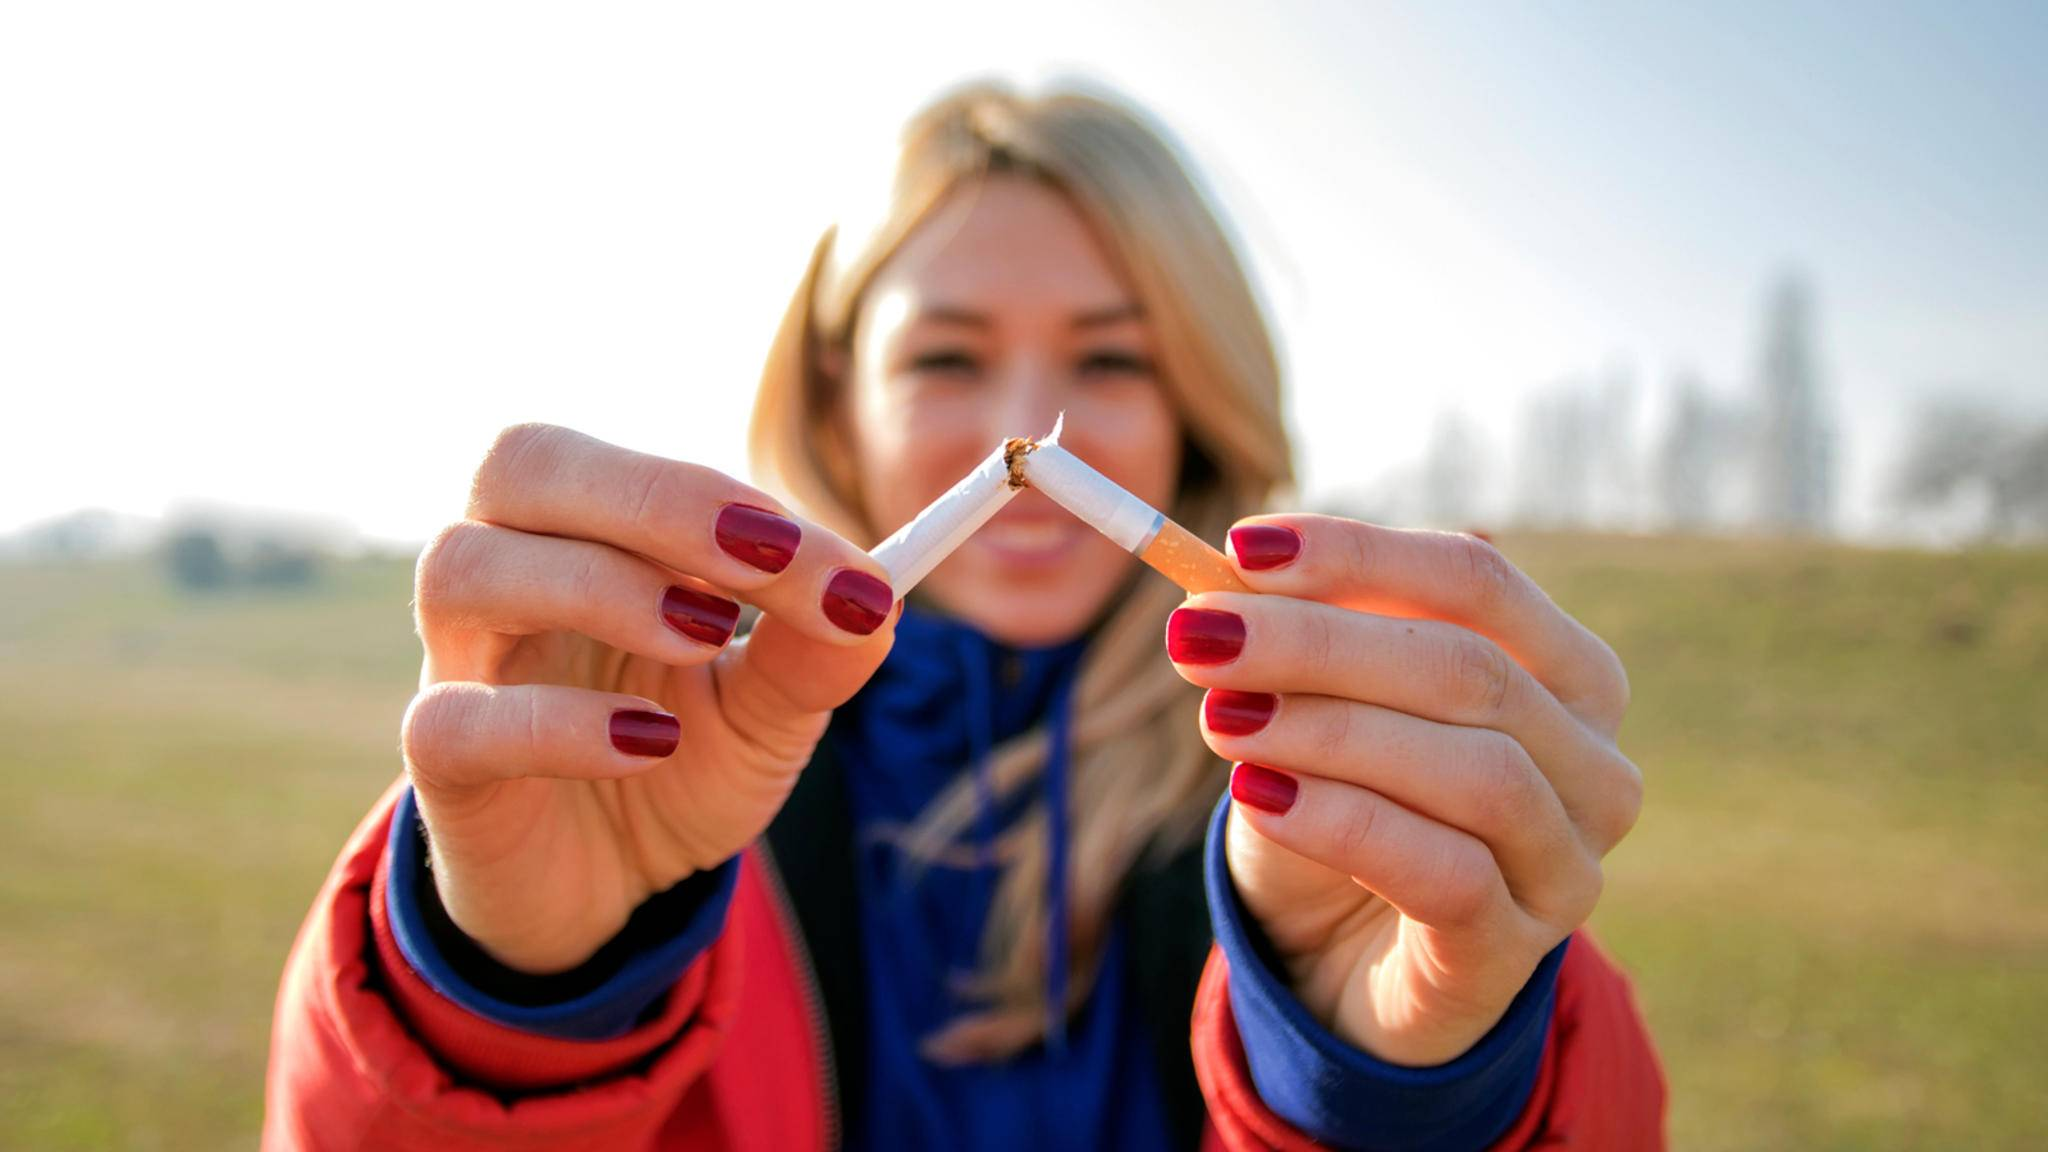 Cboxx rauchen aufhoren